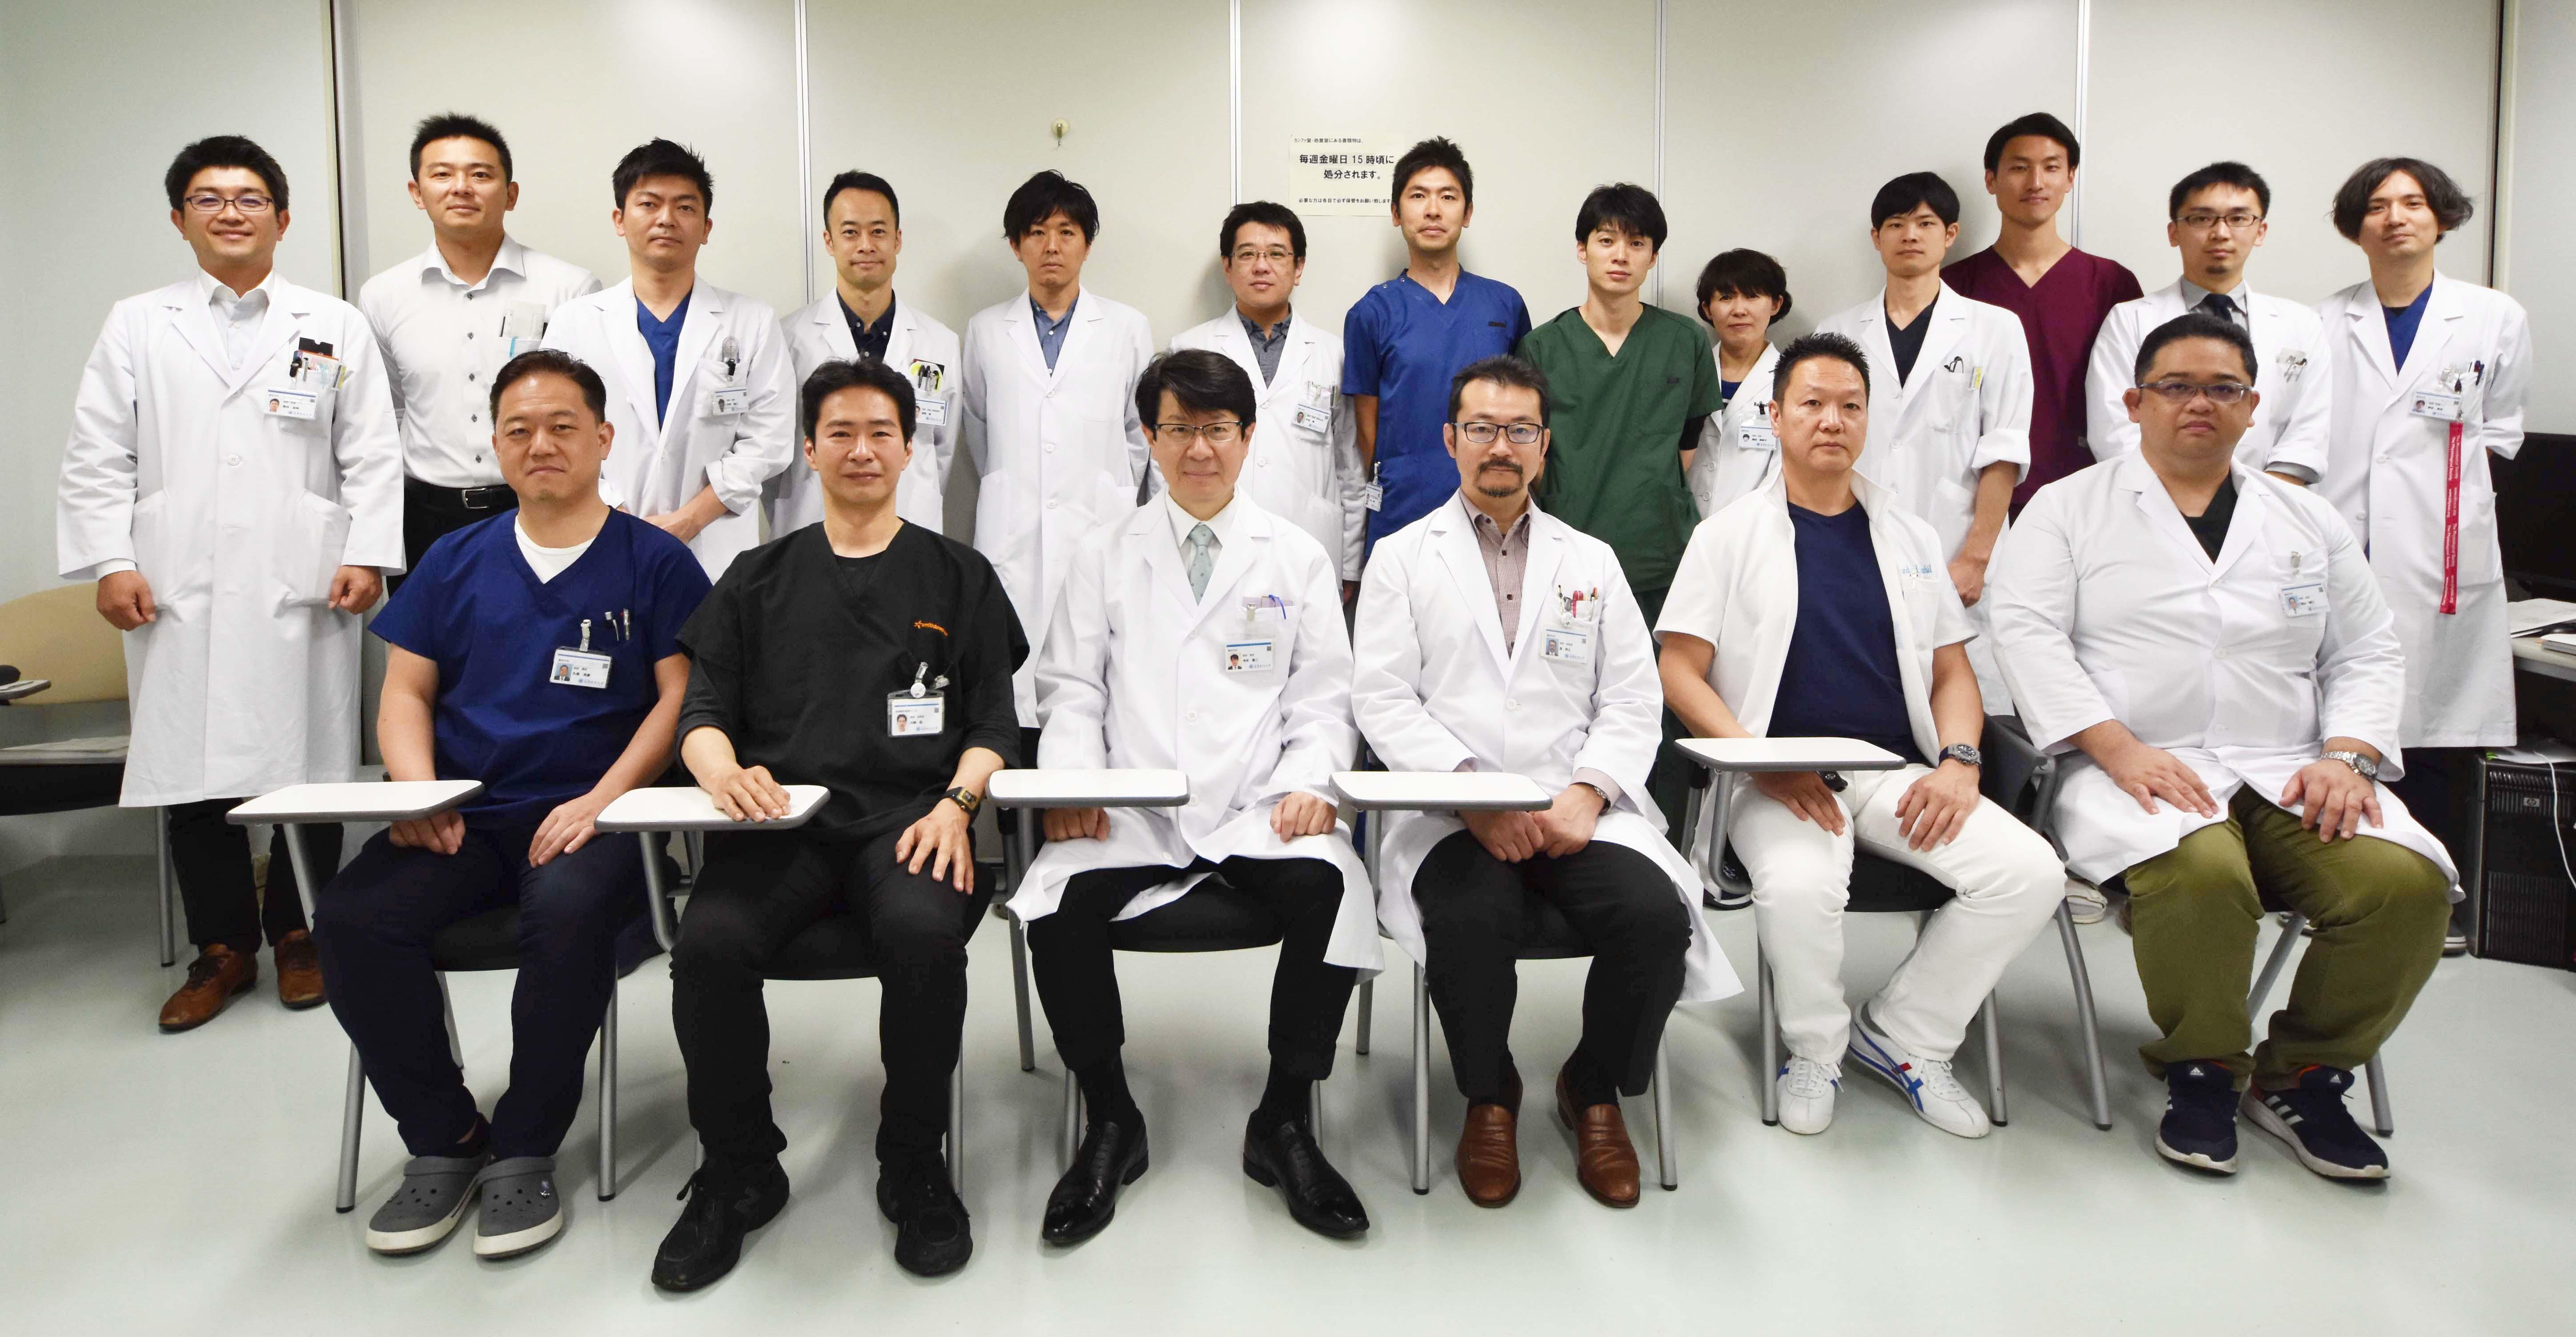 脊椎 クリニック 札幌 内 外科 鏡 視 整形